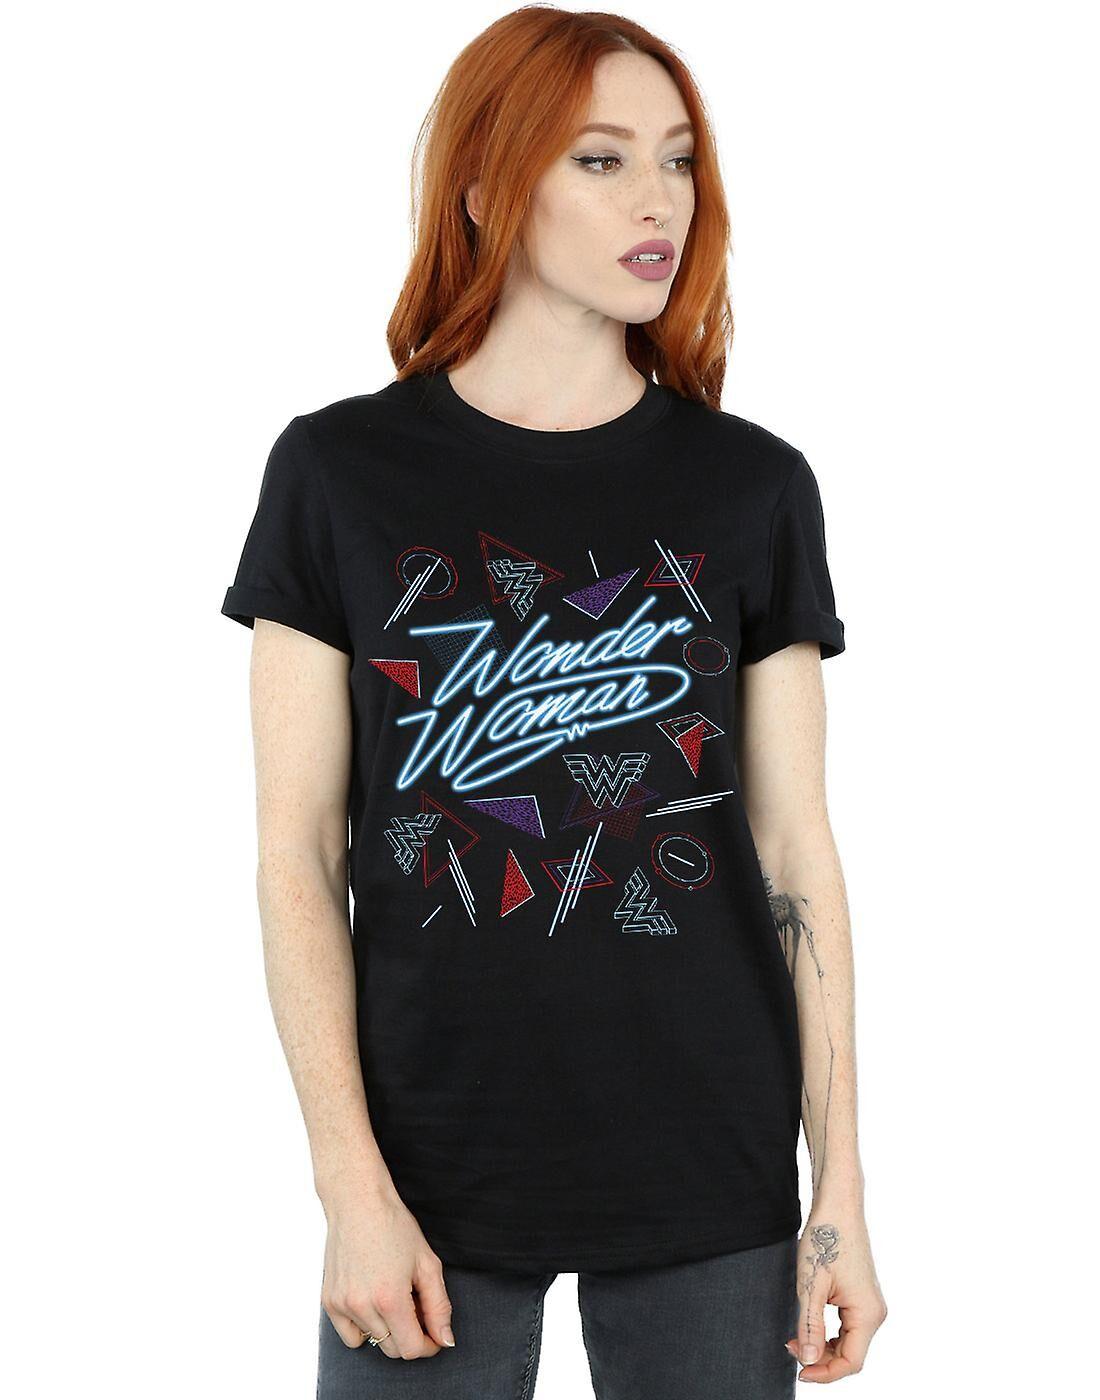 Absolute Cult DC Comics Femmes-apos;s Wonder Woman 84 80s Mix Boyfriend Fit T-Shirt Noir Large